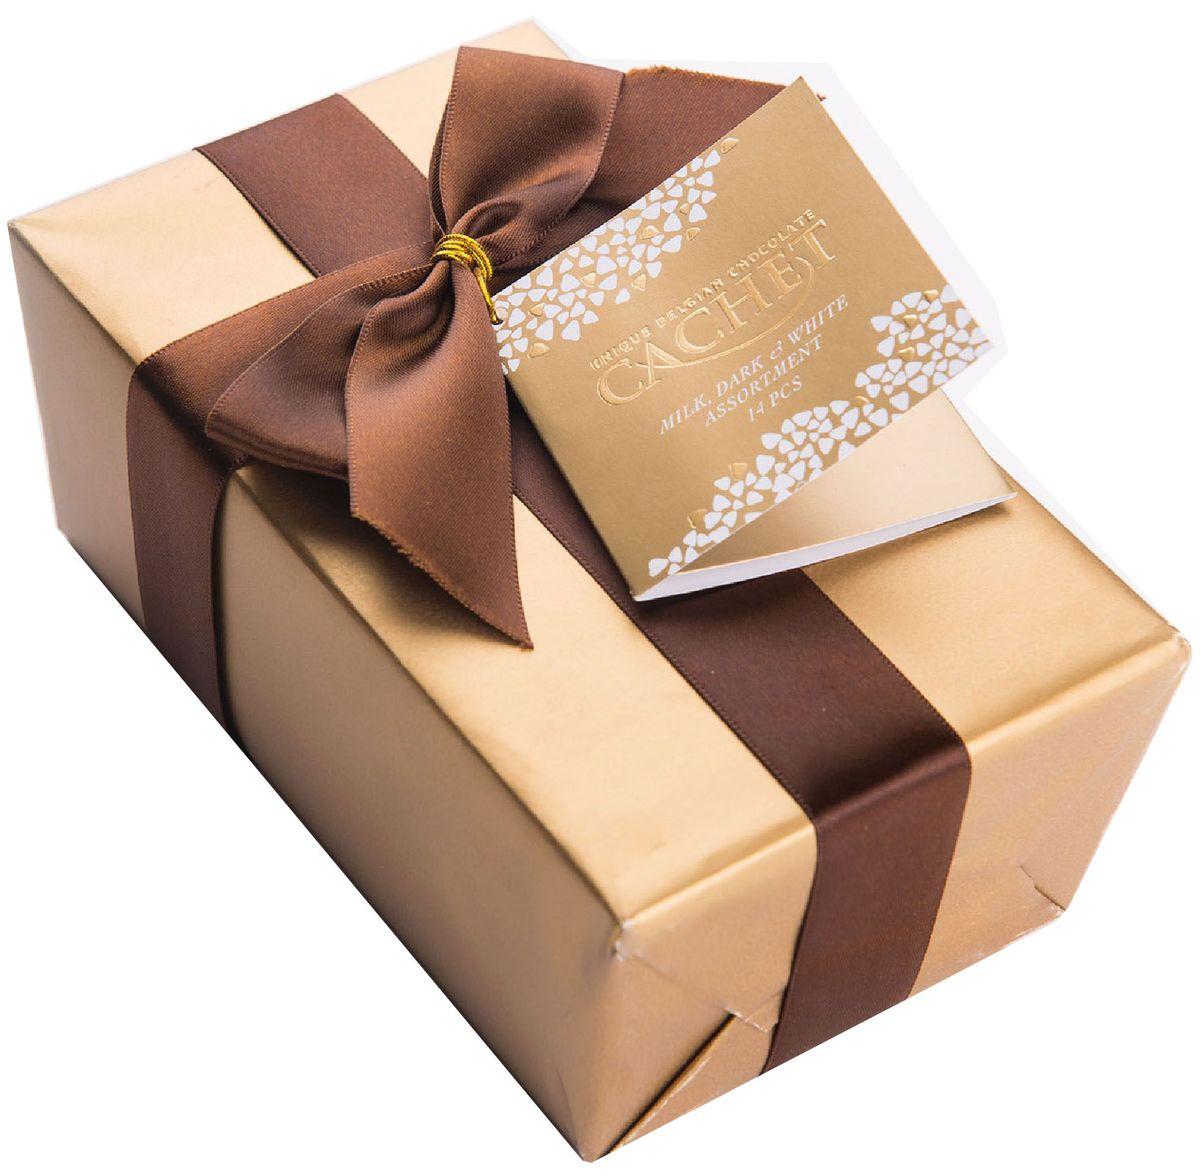 Cachet конфеты шоколадные ассорти, 200 гМС-00007441Конфеты шоколадные ассорти Cachet - уникальный набор бельгийских шоколадных конфет не оставит равнодушным поклоннников шоколада. Продукция компании популярна во всем мире благодаря своему высокому качеству и изысканному дизайну. Вся продукция Kim's Chocolates NV изготавливается по оригинальной старинной бельгийской рецептуре, которая придает шоколаду незабываемый и неповторимый вкус.Лучшие ингредиенты, современные технологии и строгий контроль на всех этапах производства гарантируют высокое качество продукцииKim's Chocolates NV.